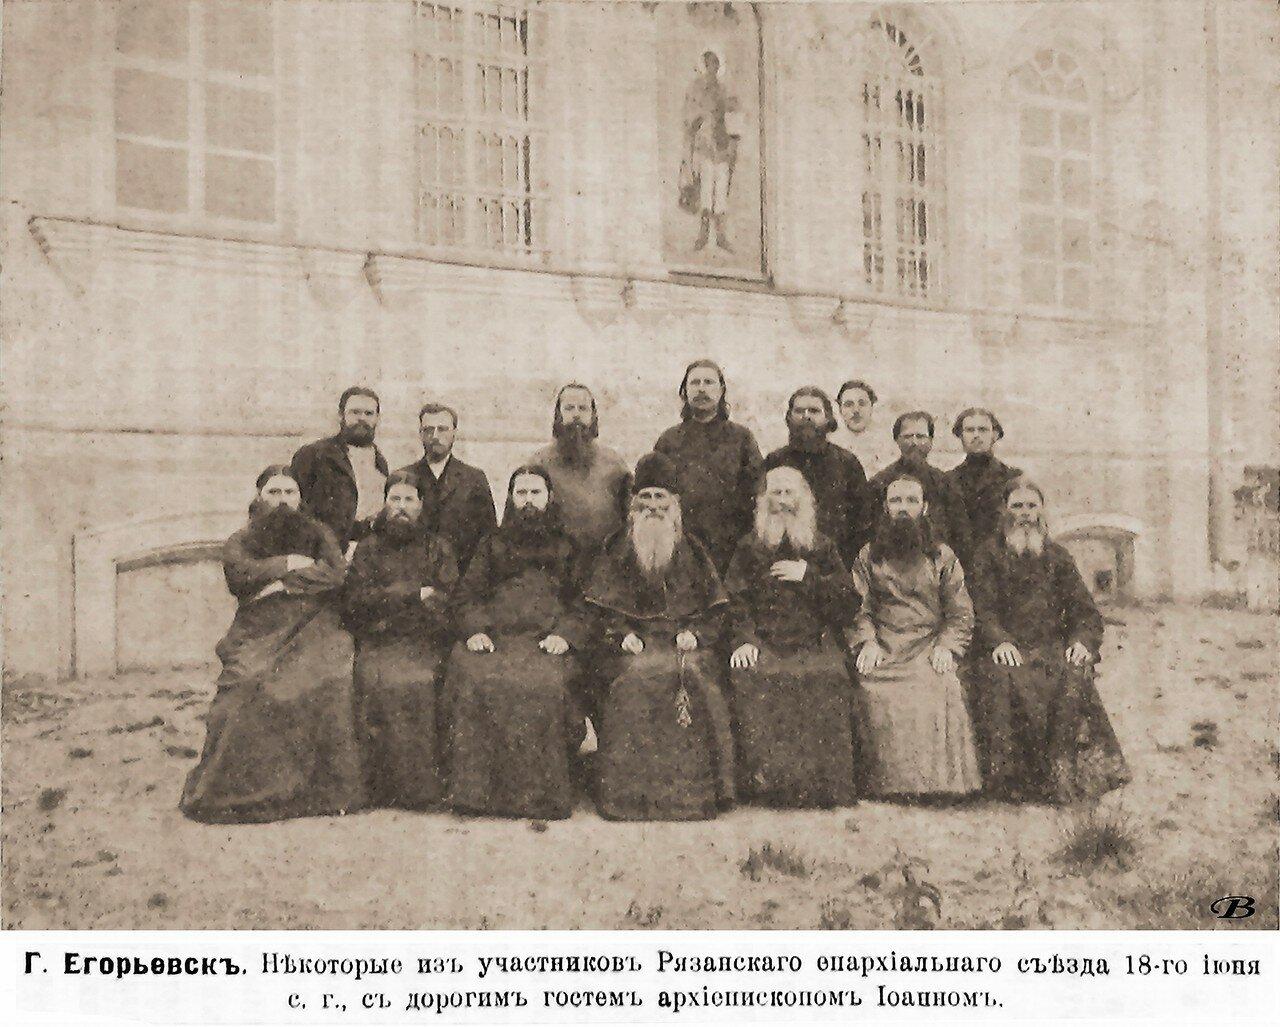 Некоторые из участников Рязанского епархиального съезда 18-го июня с дорогим гостем архиепископом Иоанном